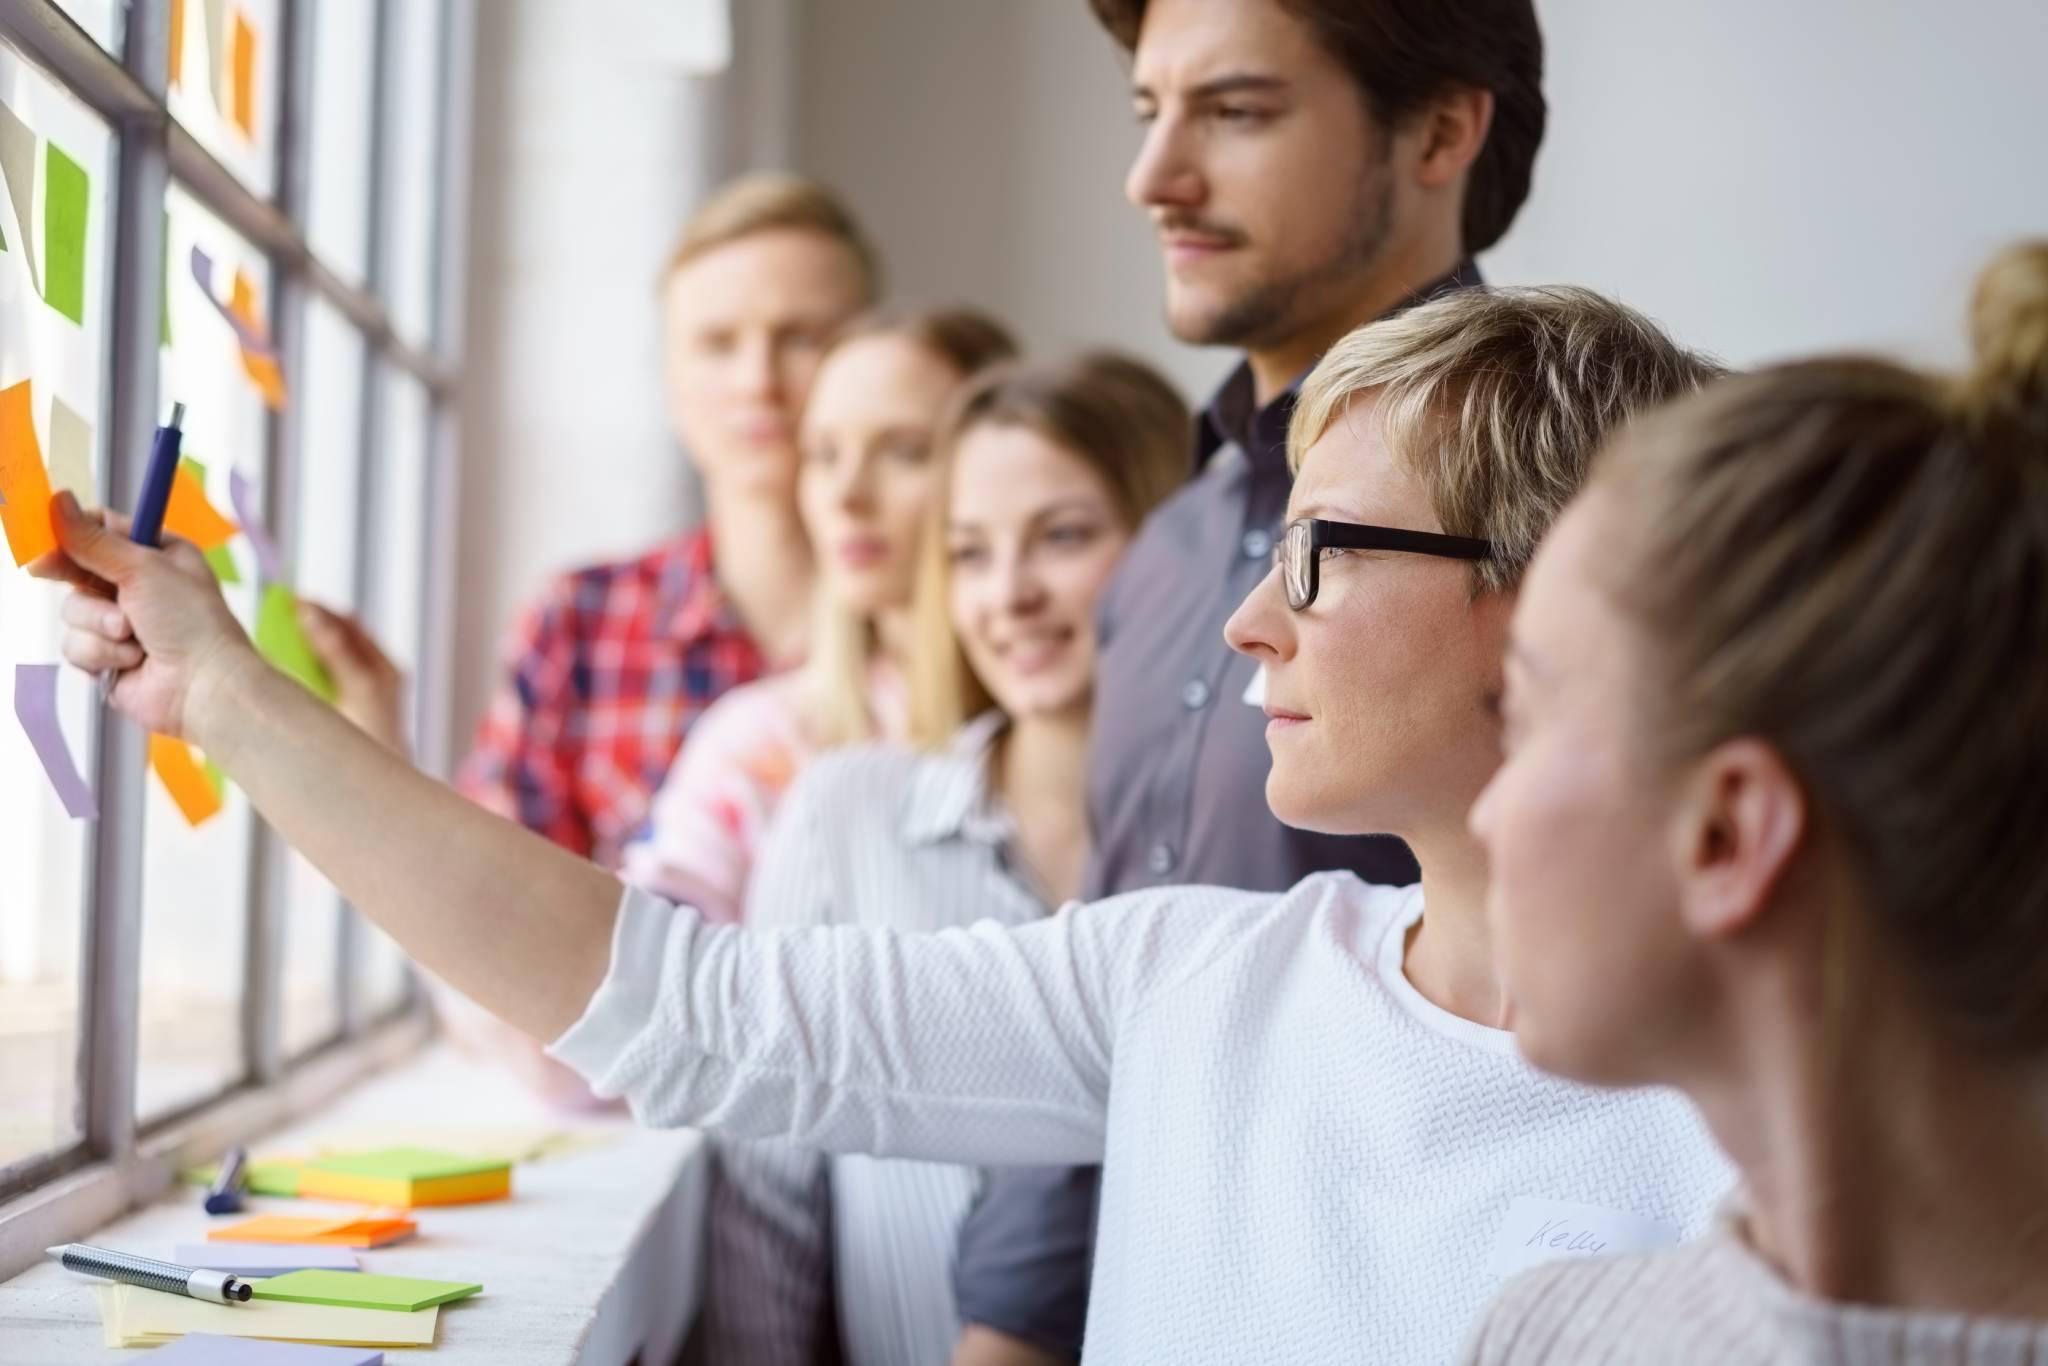 Formación Bonificada Hispalform invertir en la formación de sus empleados